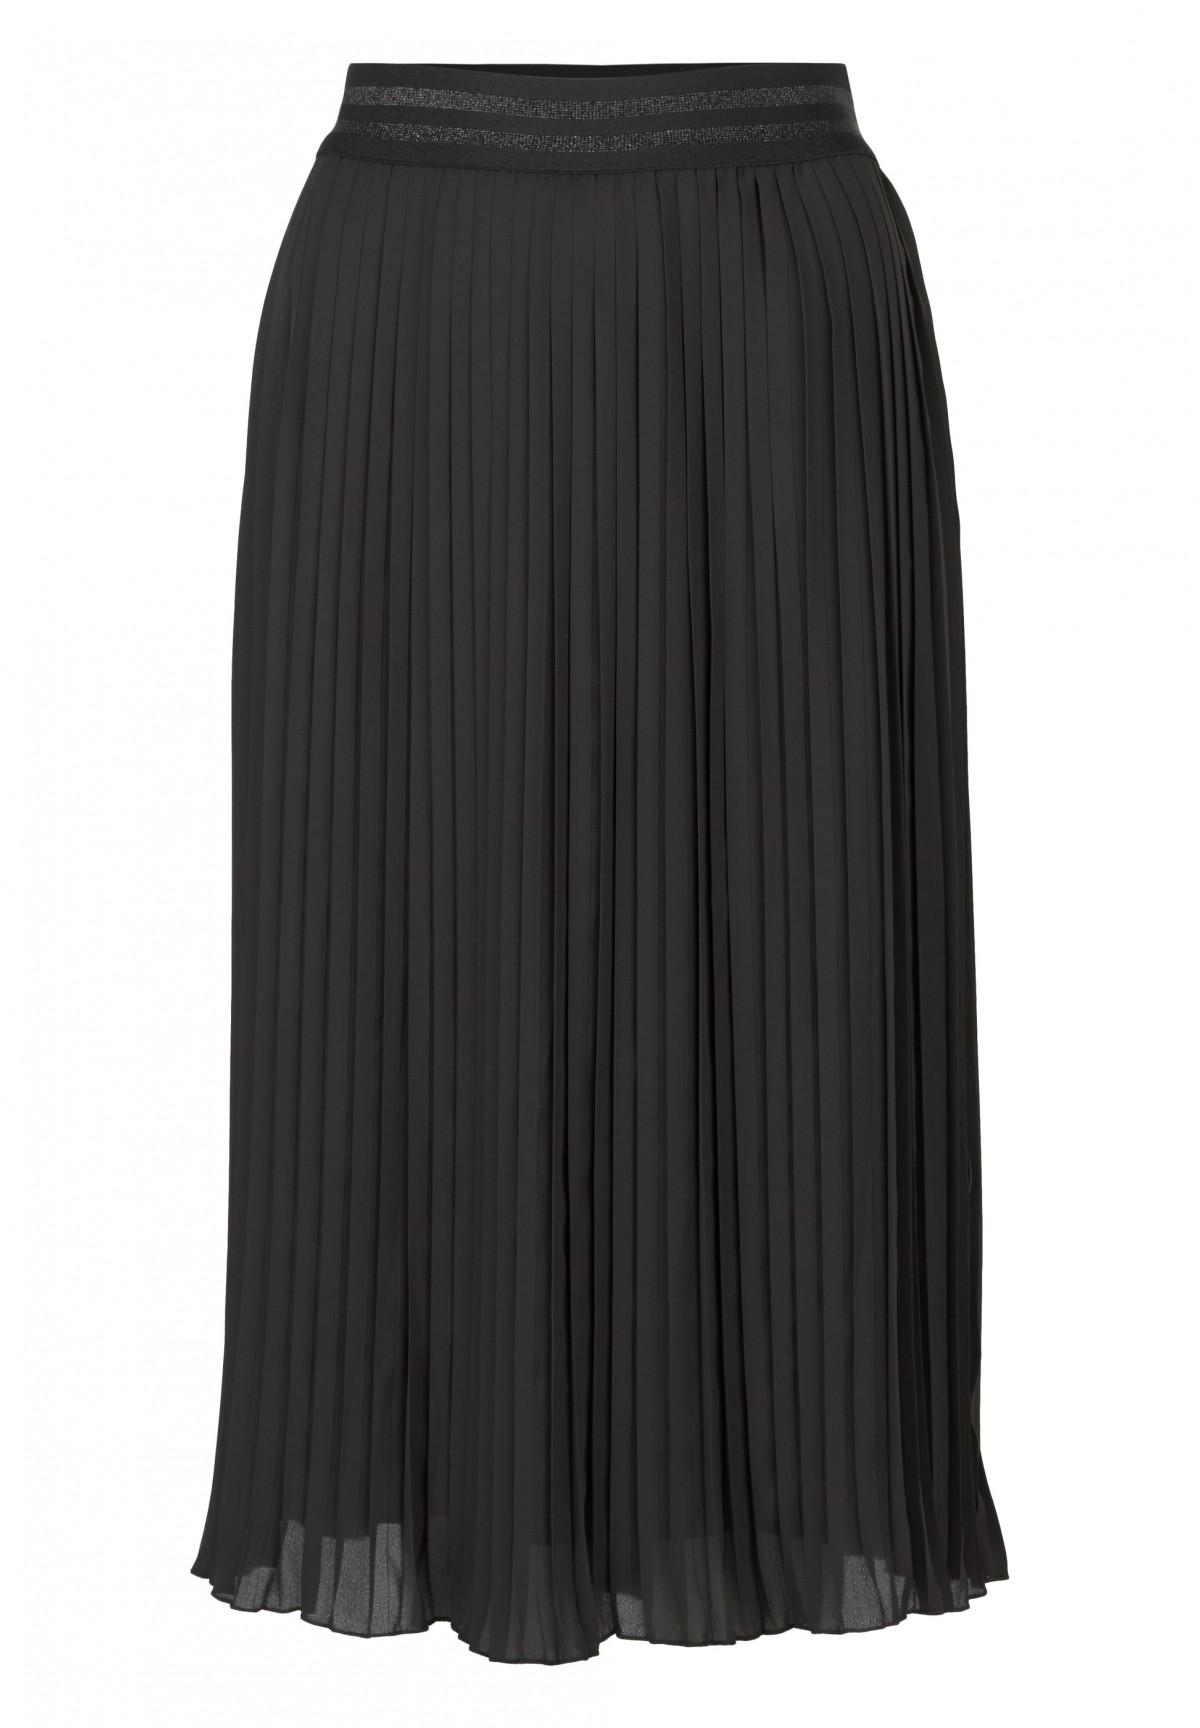 where can i buy cozy fresh shades of Jupe plissée longue, noir | Boutique en ligne Daniel Hechter